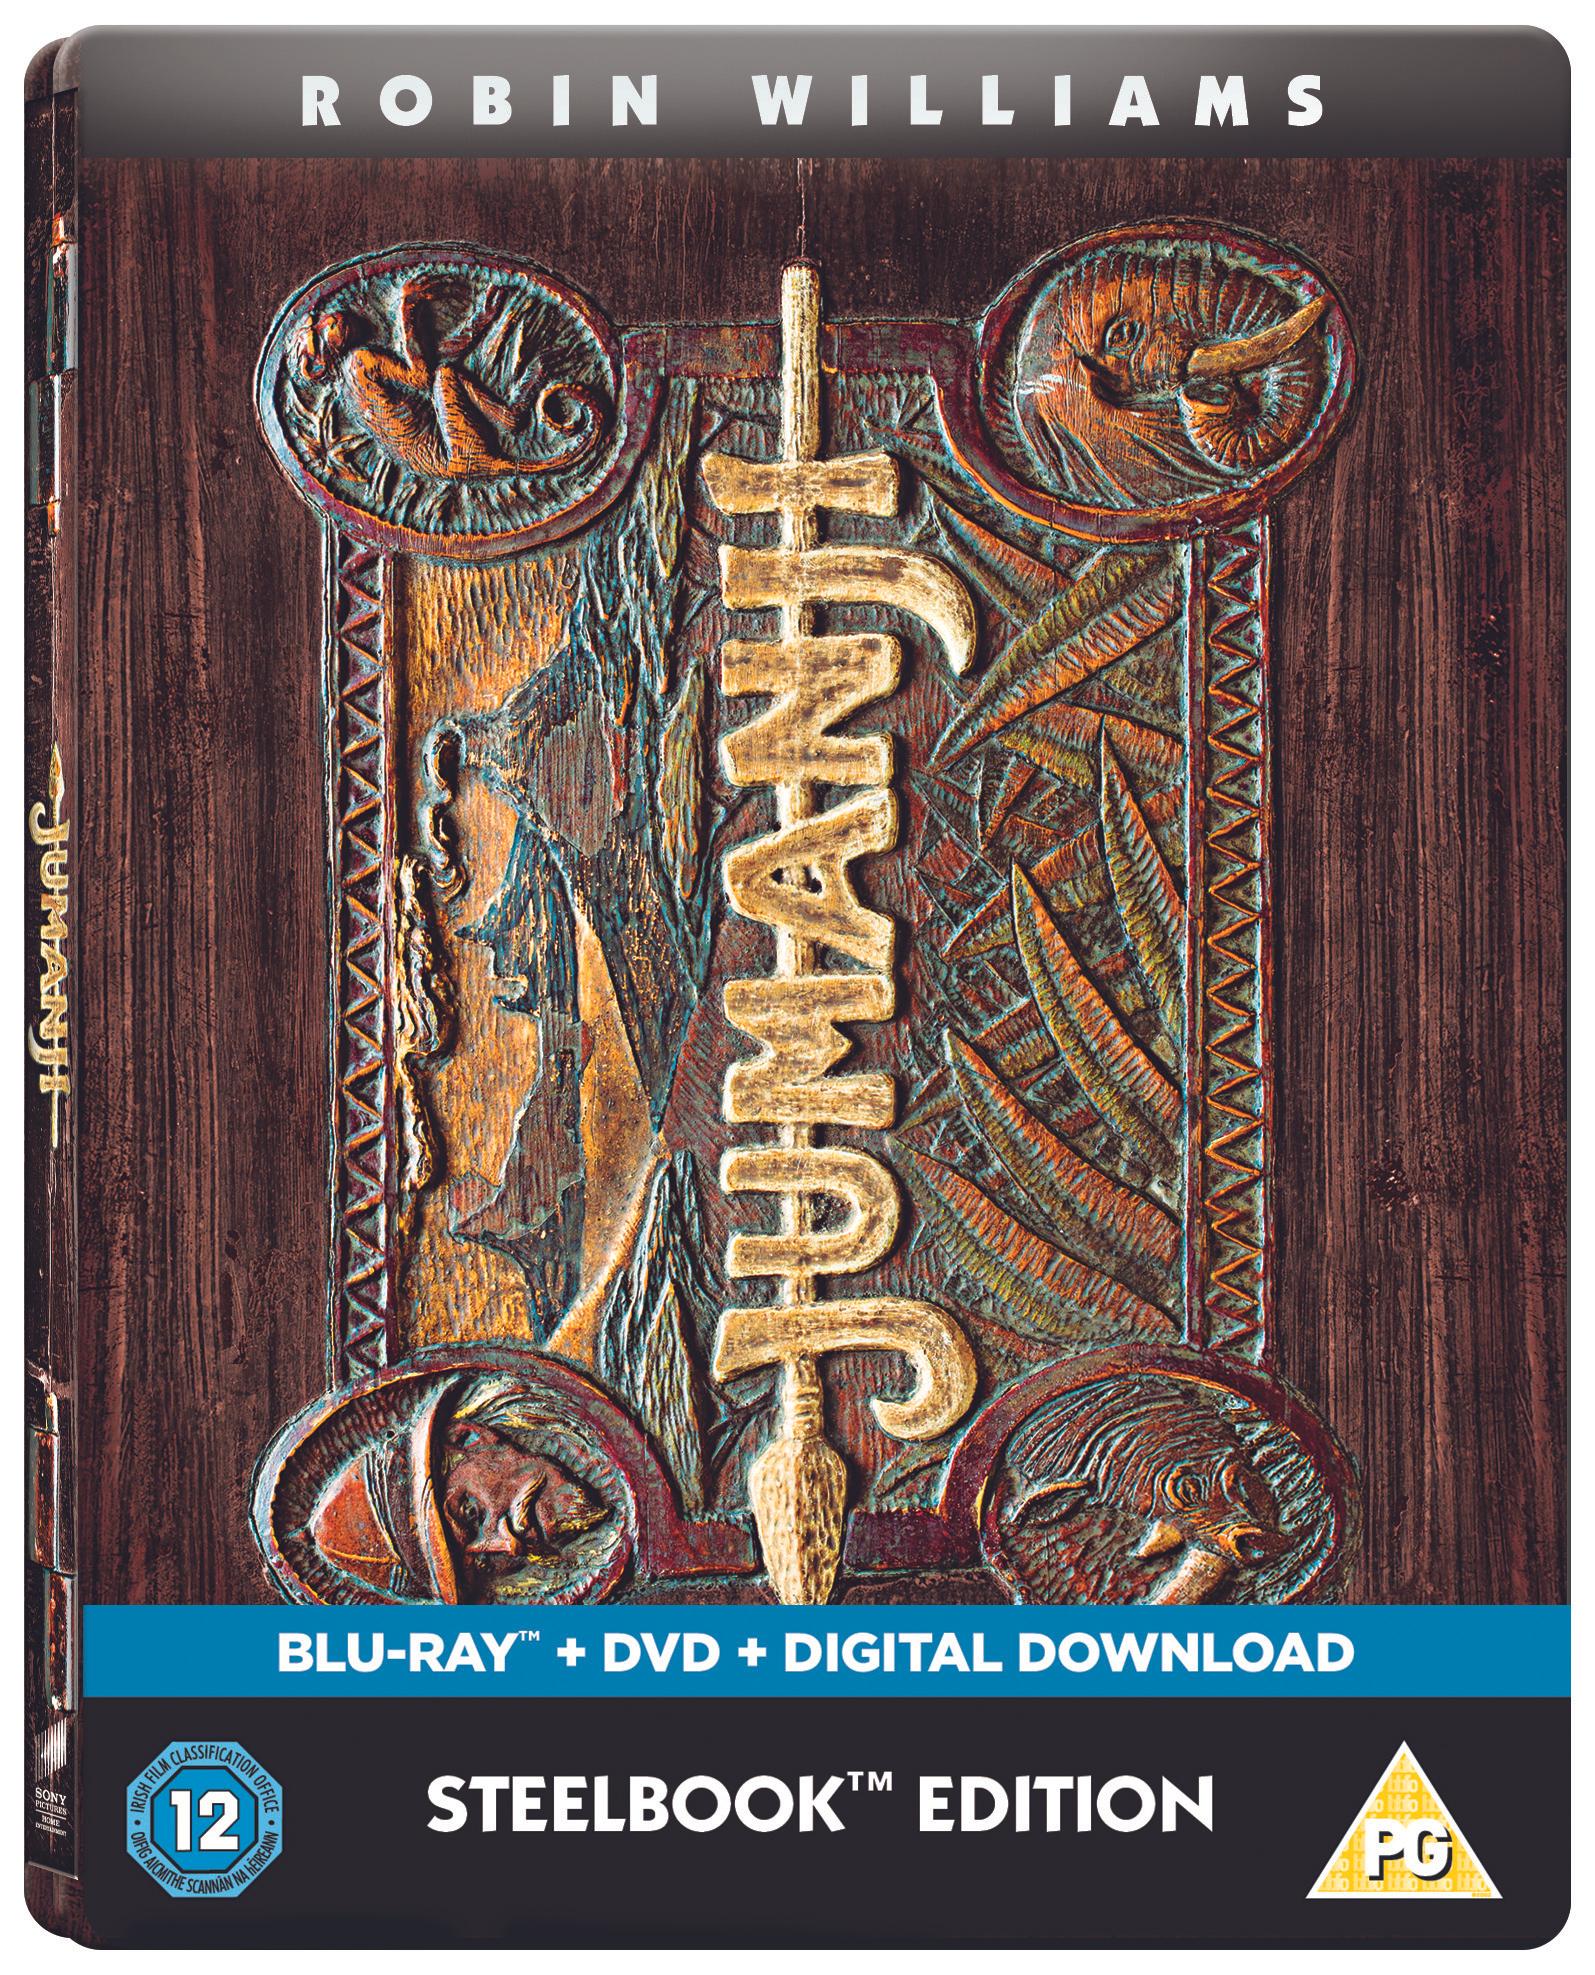 Jumamji steelbook edition £15 @ HMV